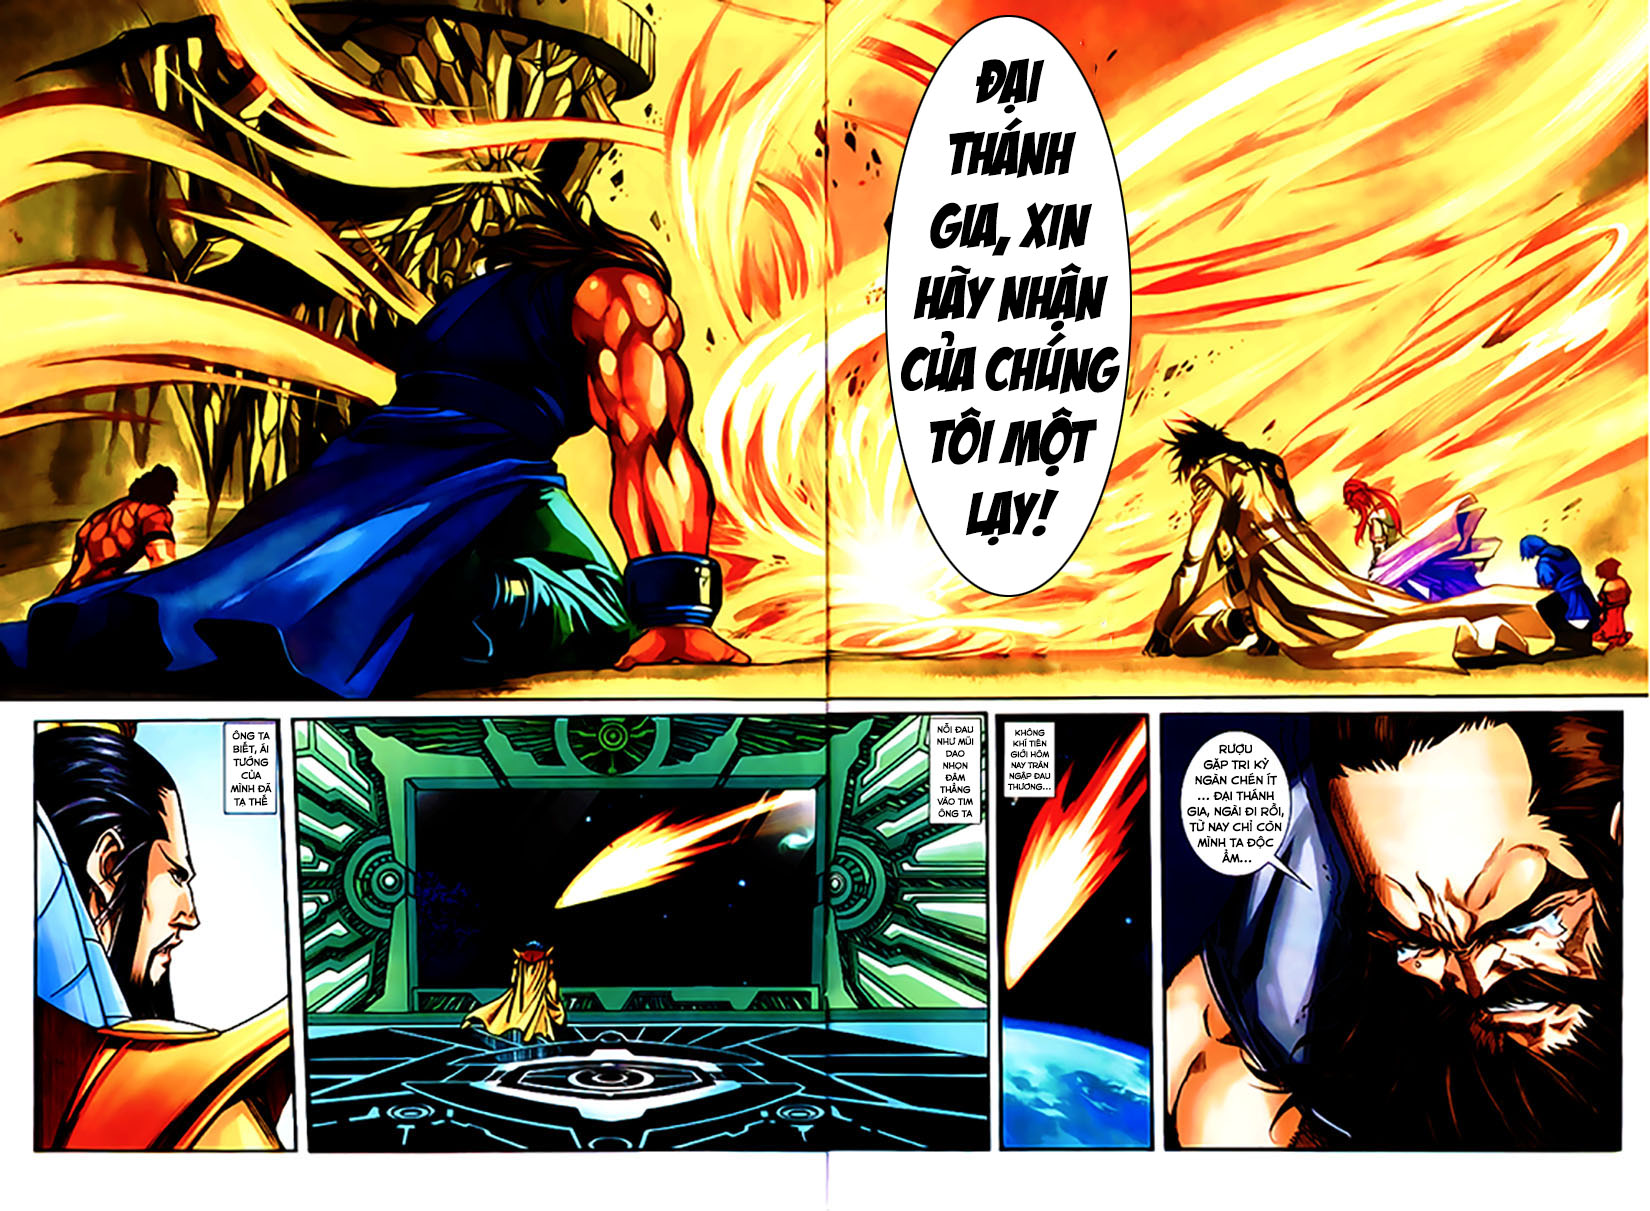 xem truyen moi - BÁT TIÊN ĐẠO - Chapter 36: Ly Thần Nhập Ma